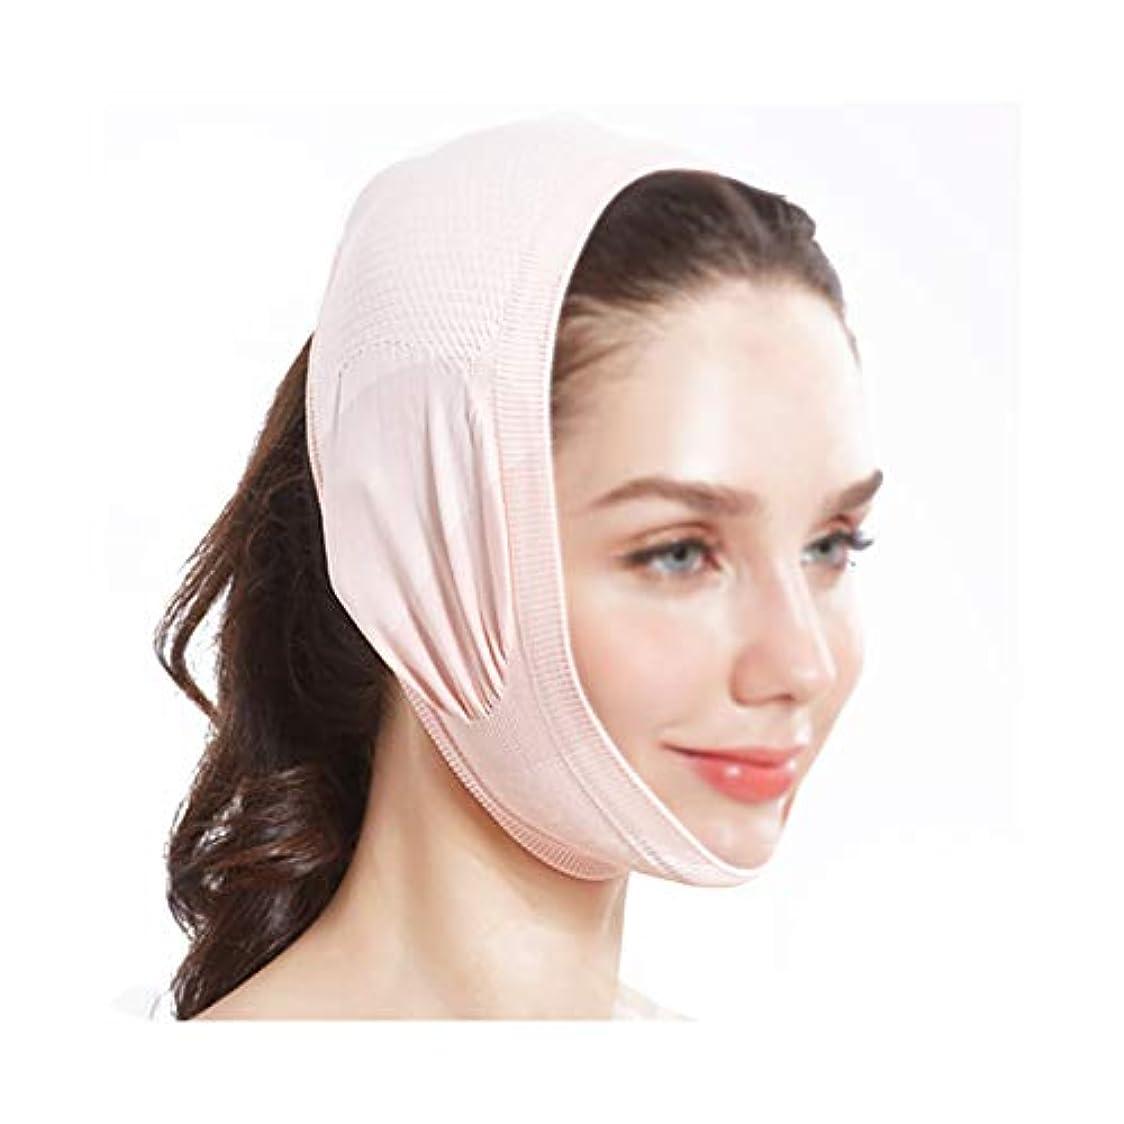 手つかずの平野散文GLJJQMY フェイスリフトマスクマスクエクステンション強度フェースレス包帯フェイシャルラージVライン彫刻フェイシャルバックカバーネックバンド 顔用整形マスク (Color : Pink)